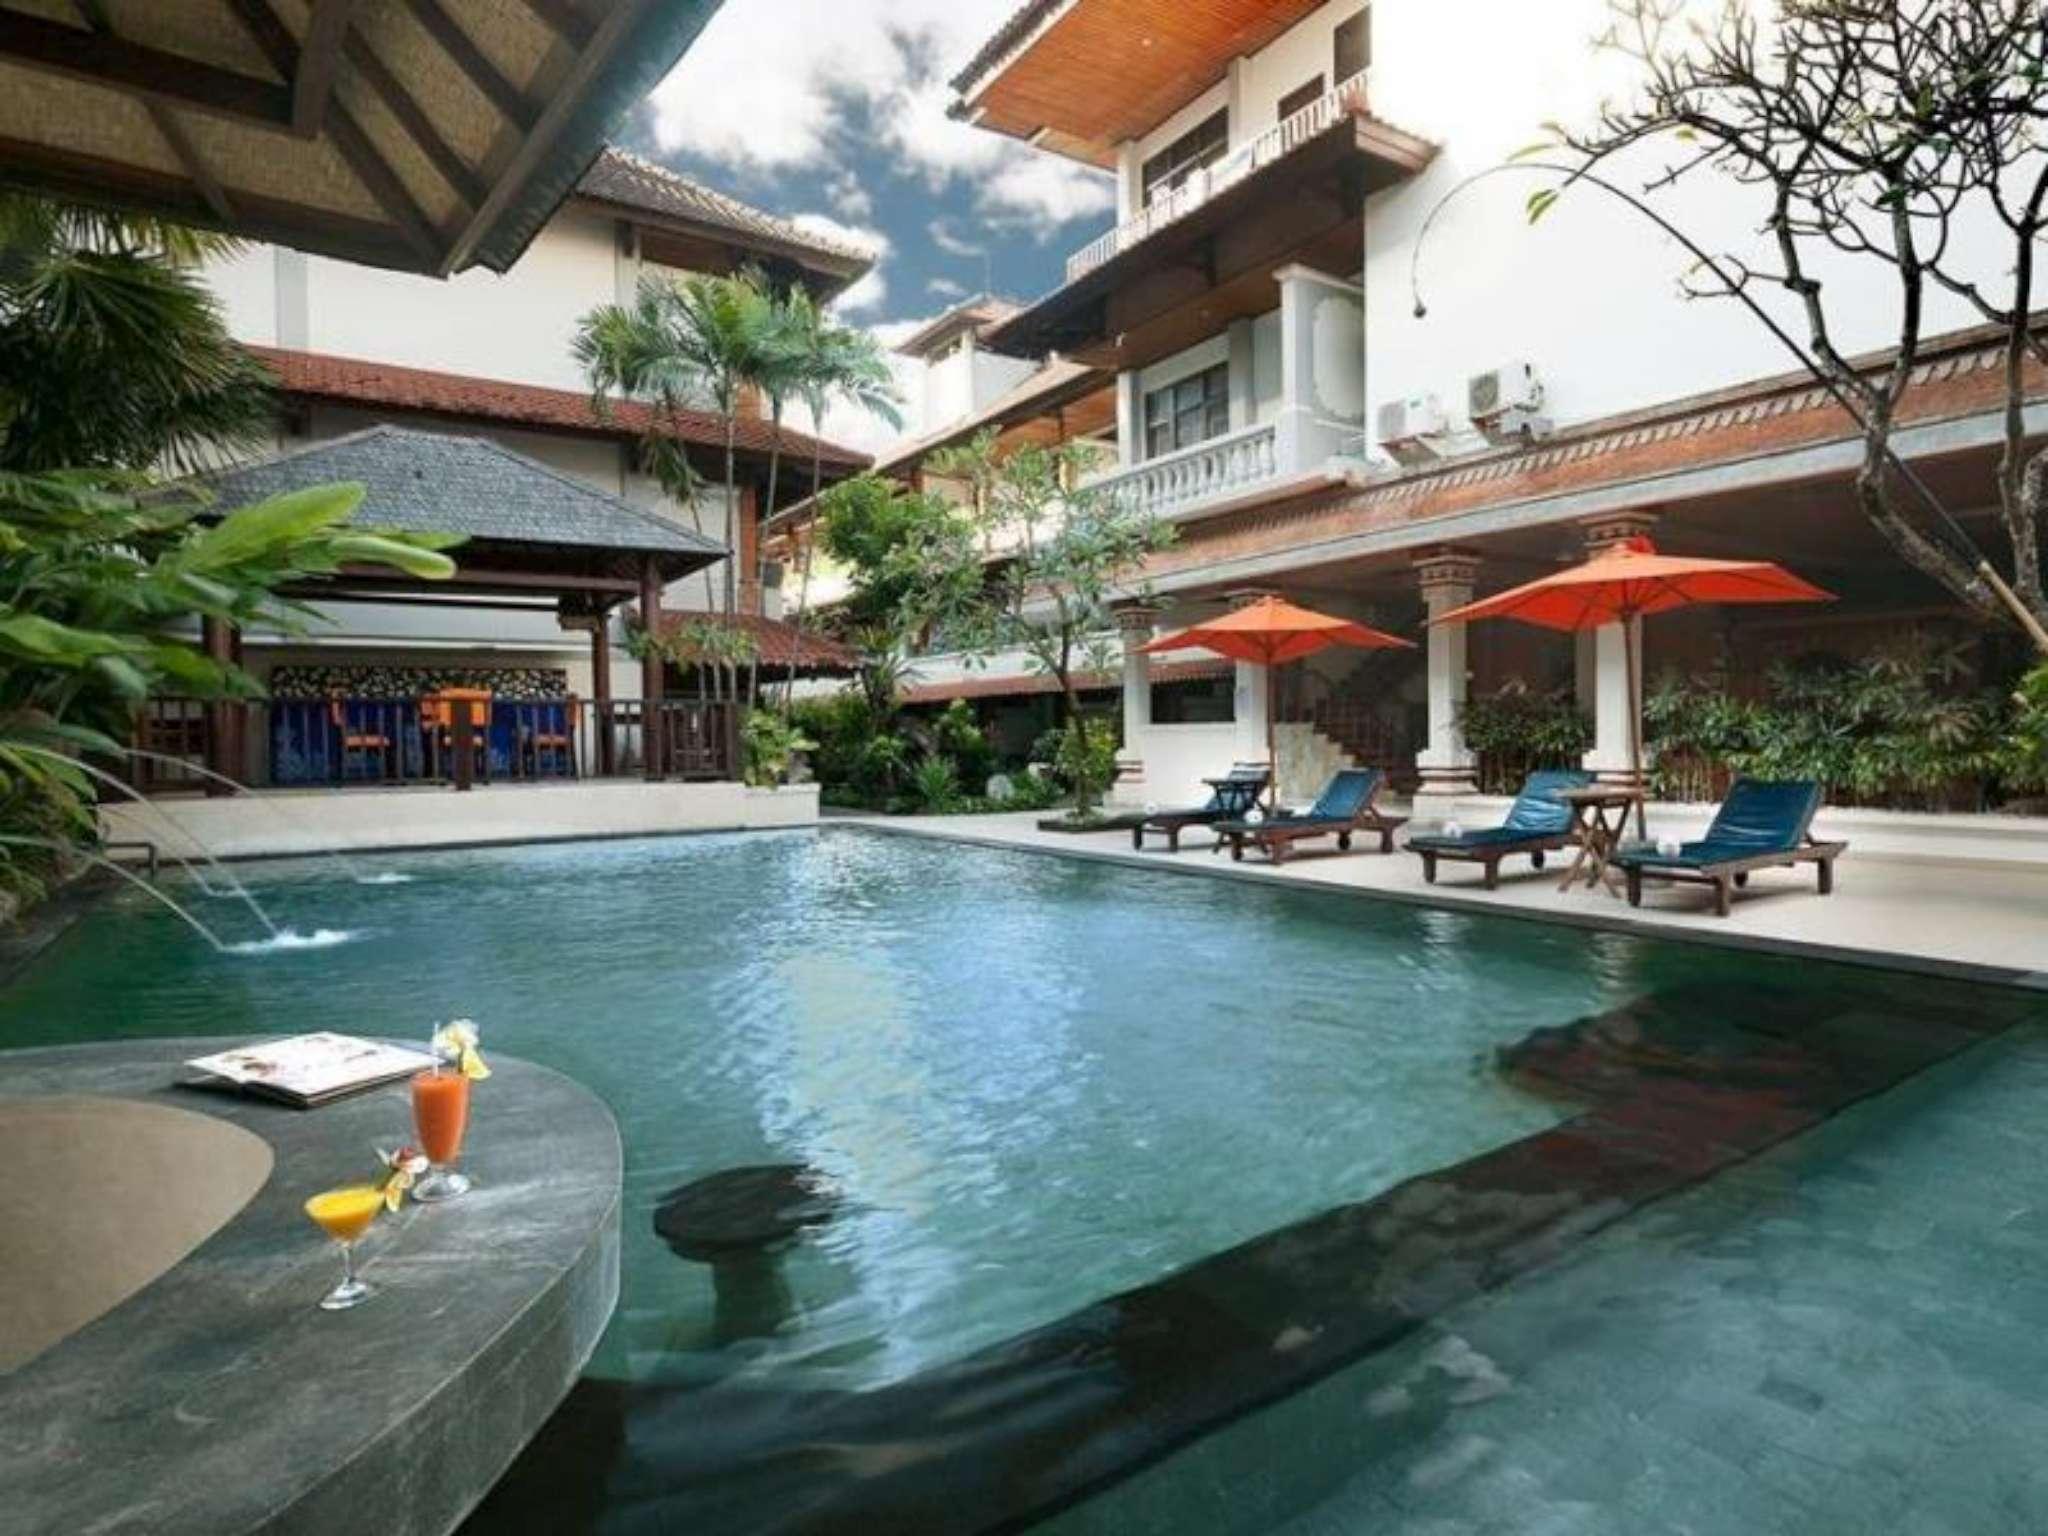 hotel di bali - Bali Summer Hotel Kuta